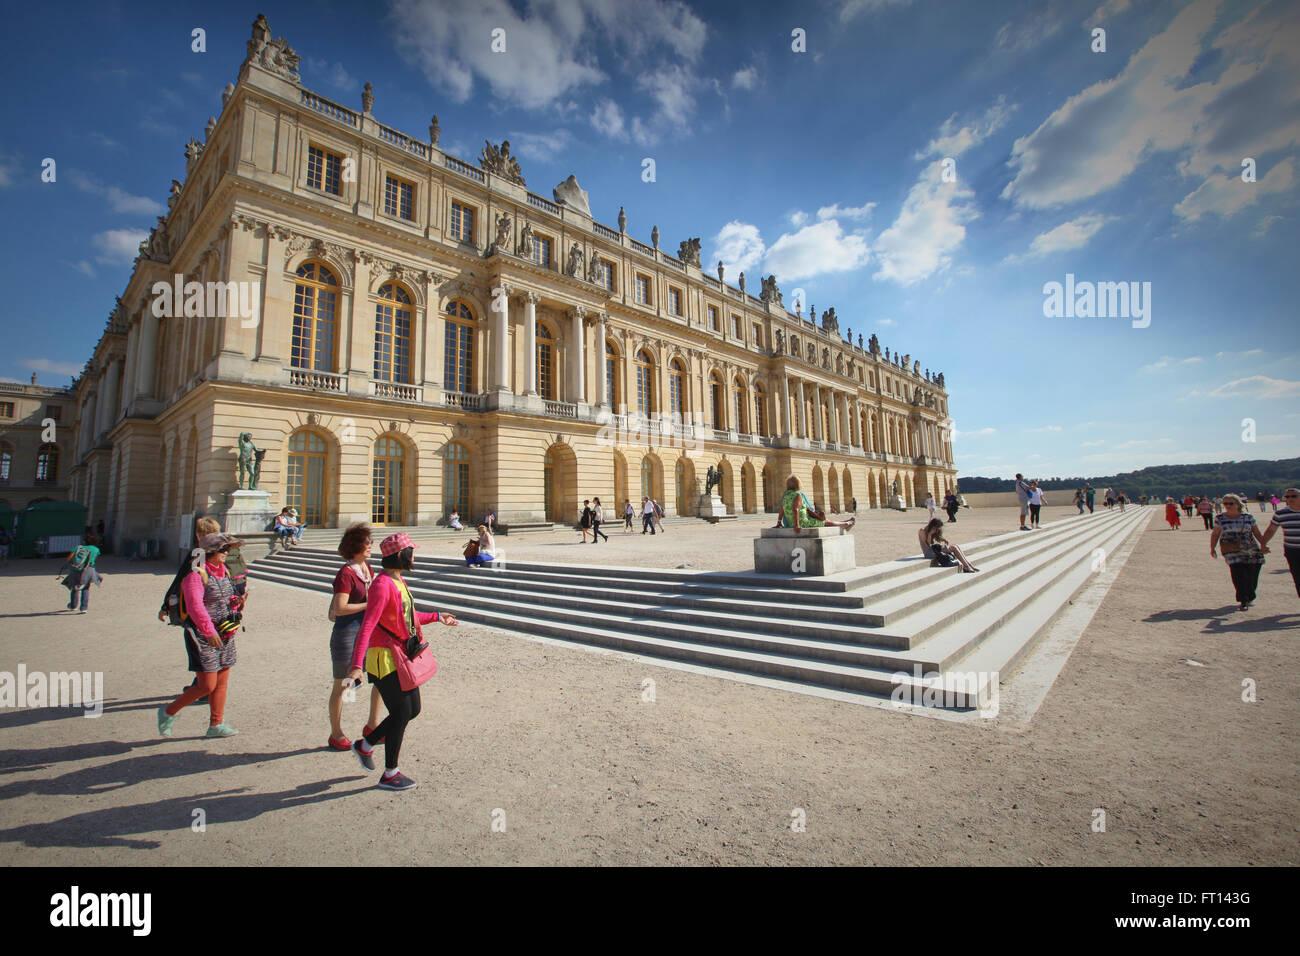 Schloss von Versailles, Versailles bei Paris, Frankreich Stockbild